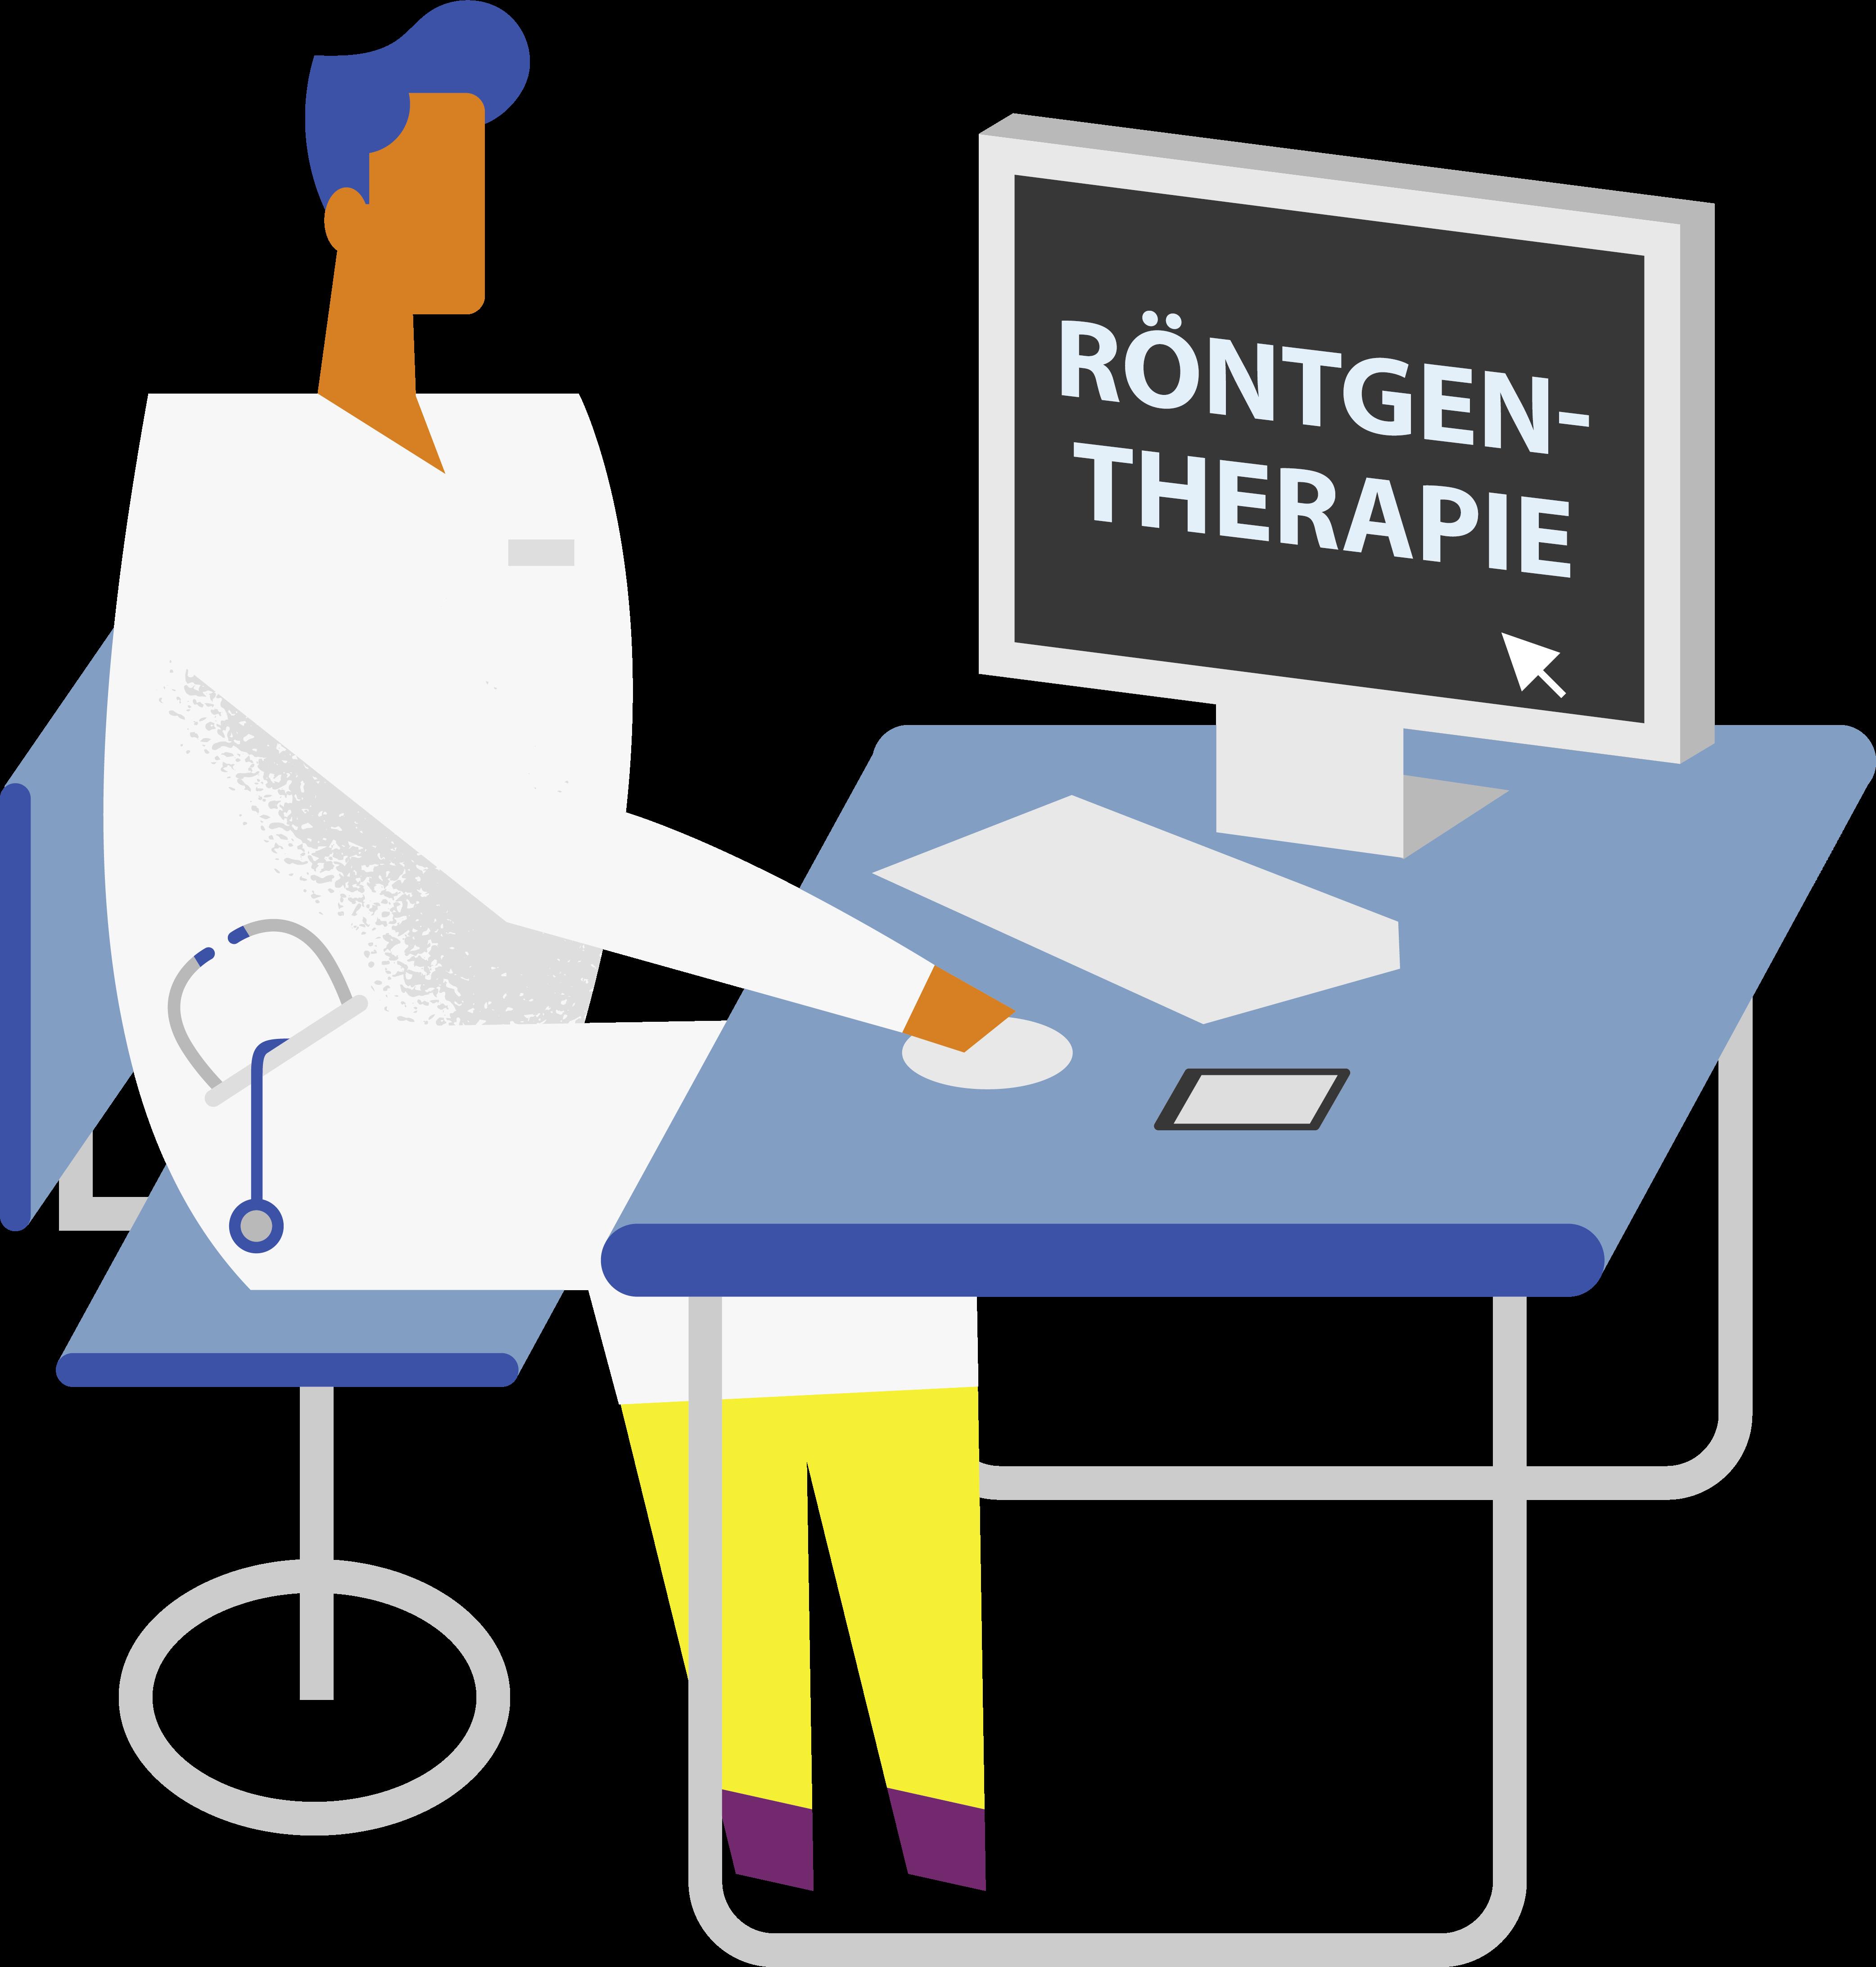 roentgentherapie